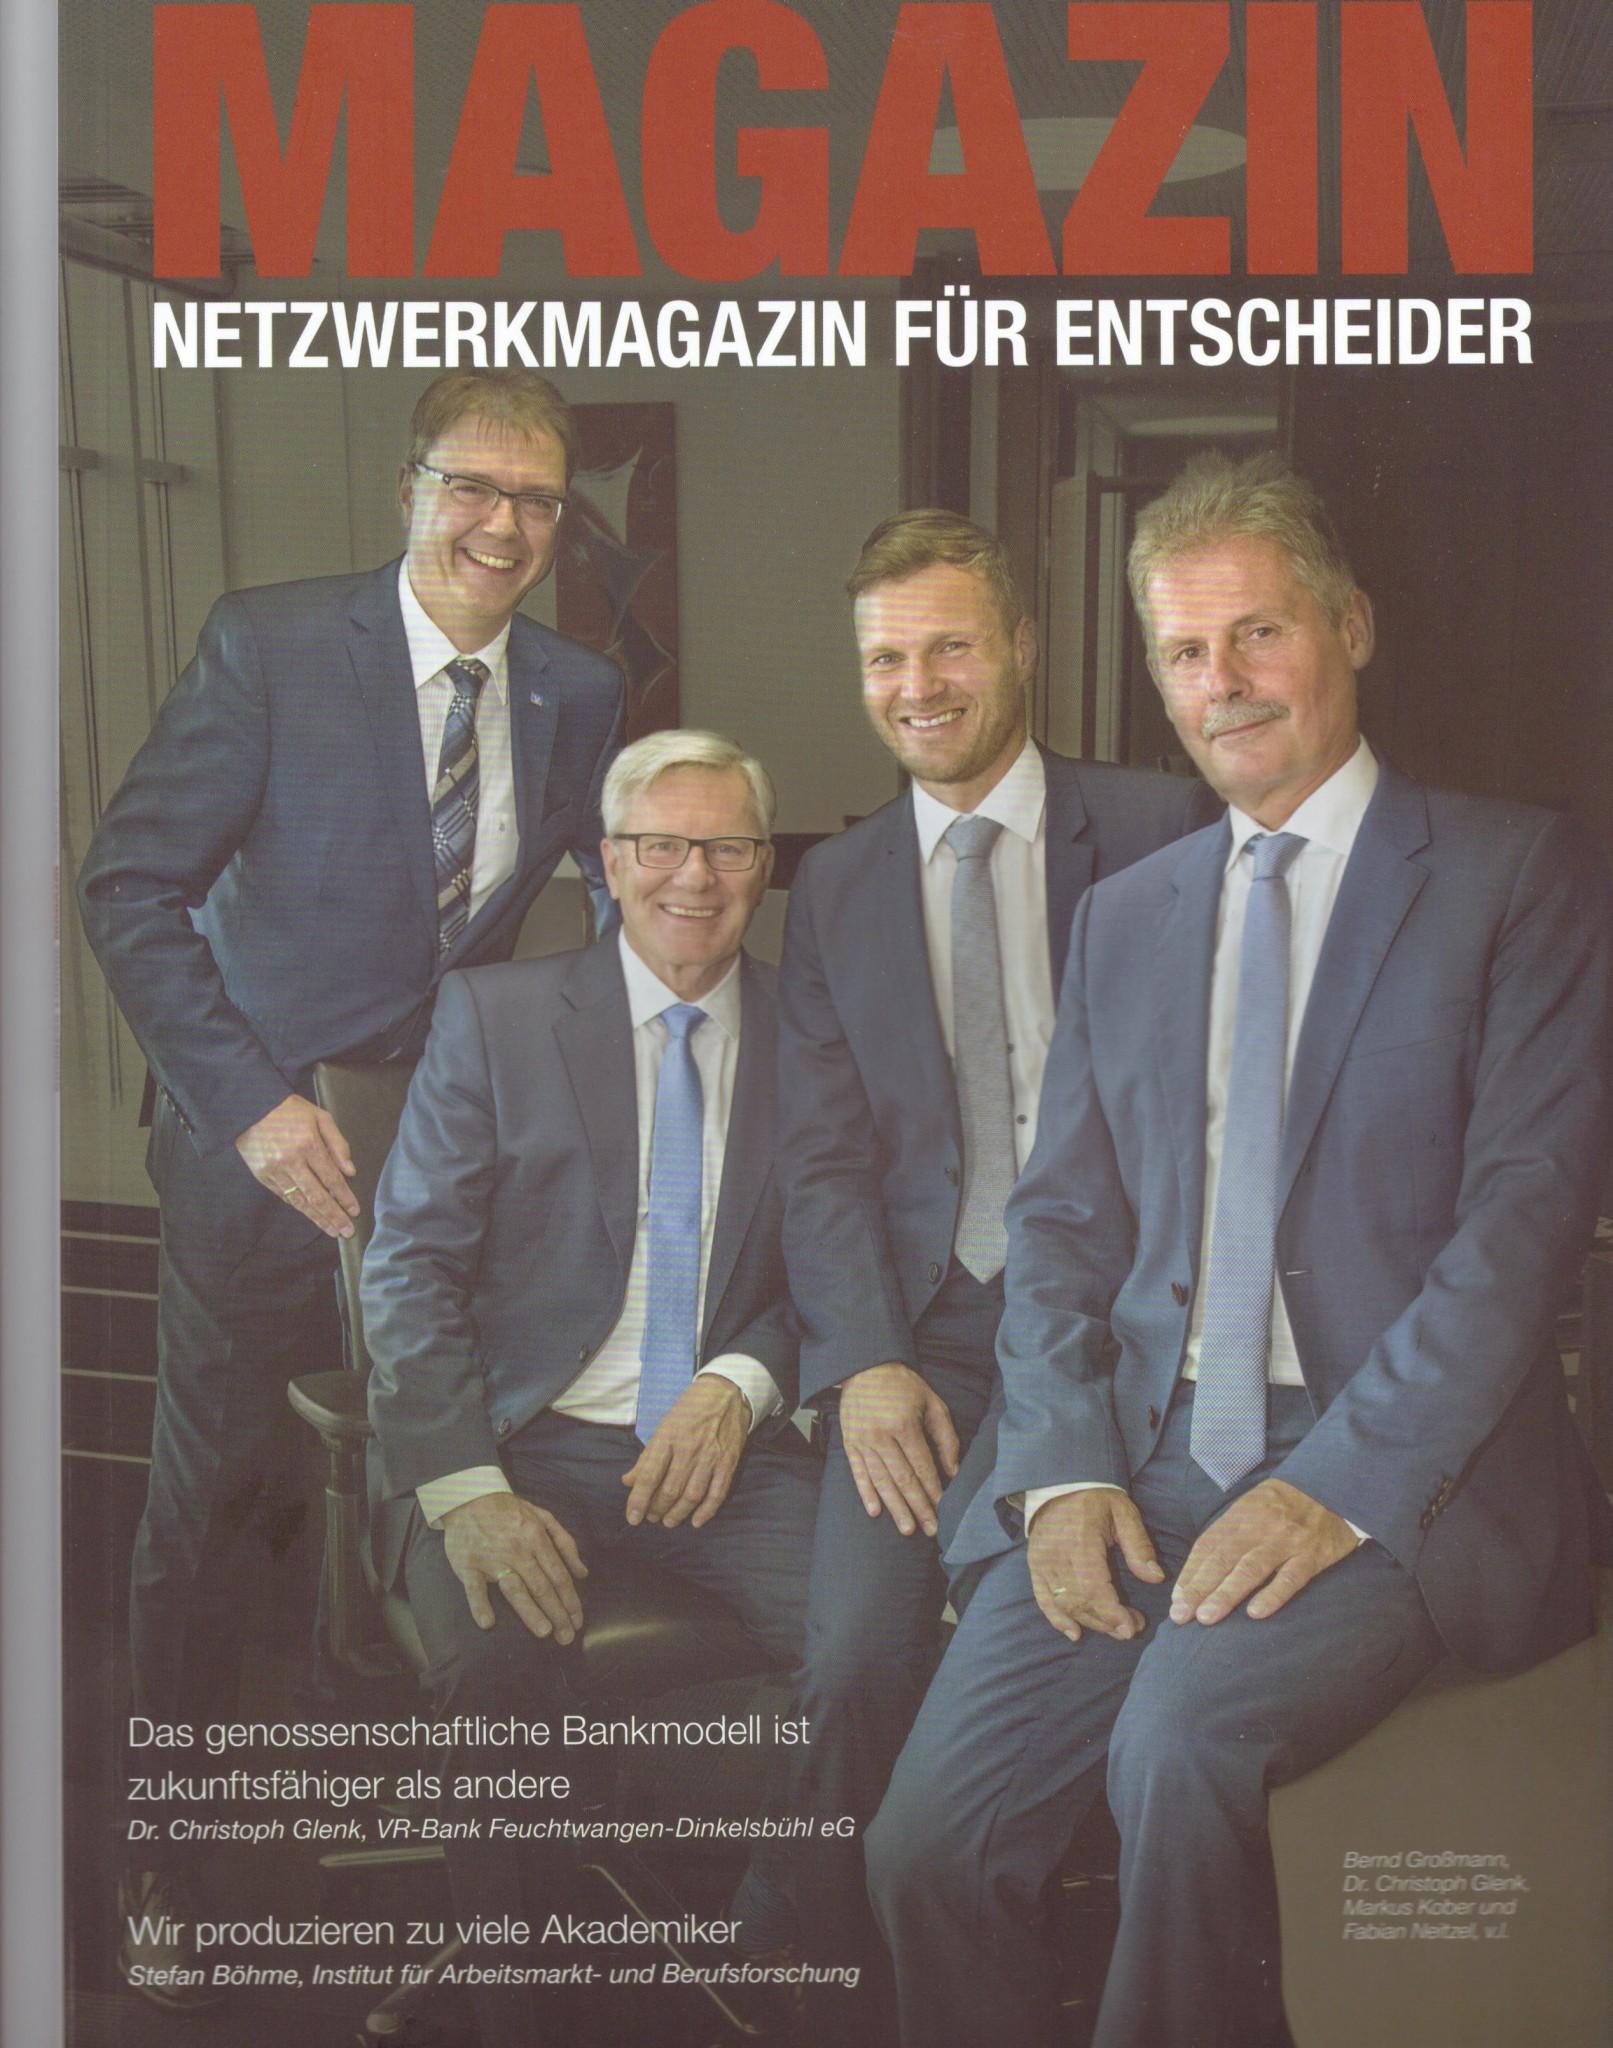 Netzwerkmagazin Für Entscheider Falk Report